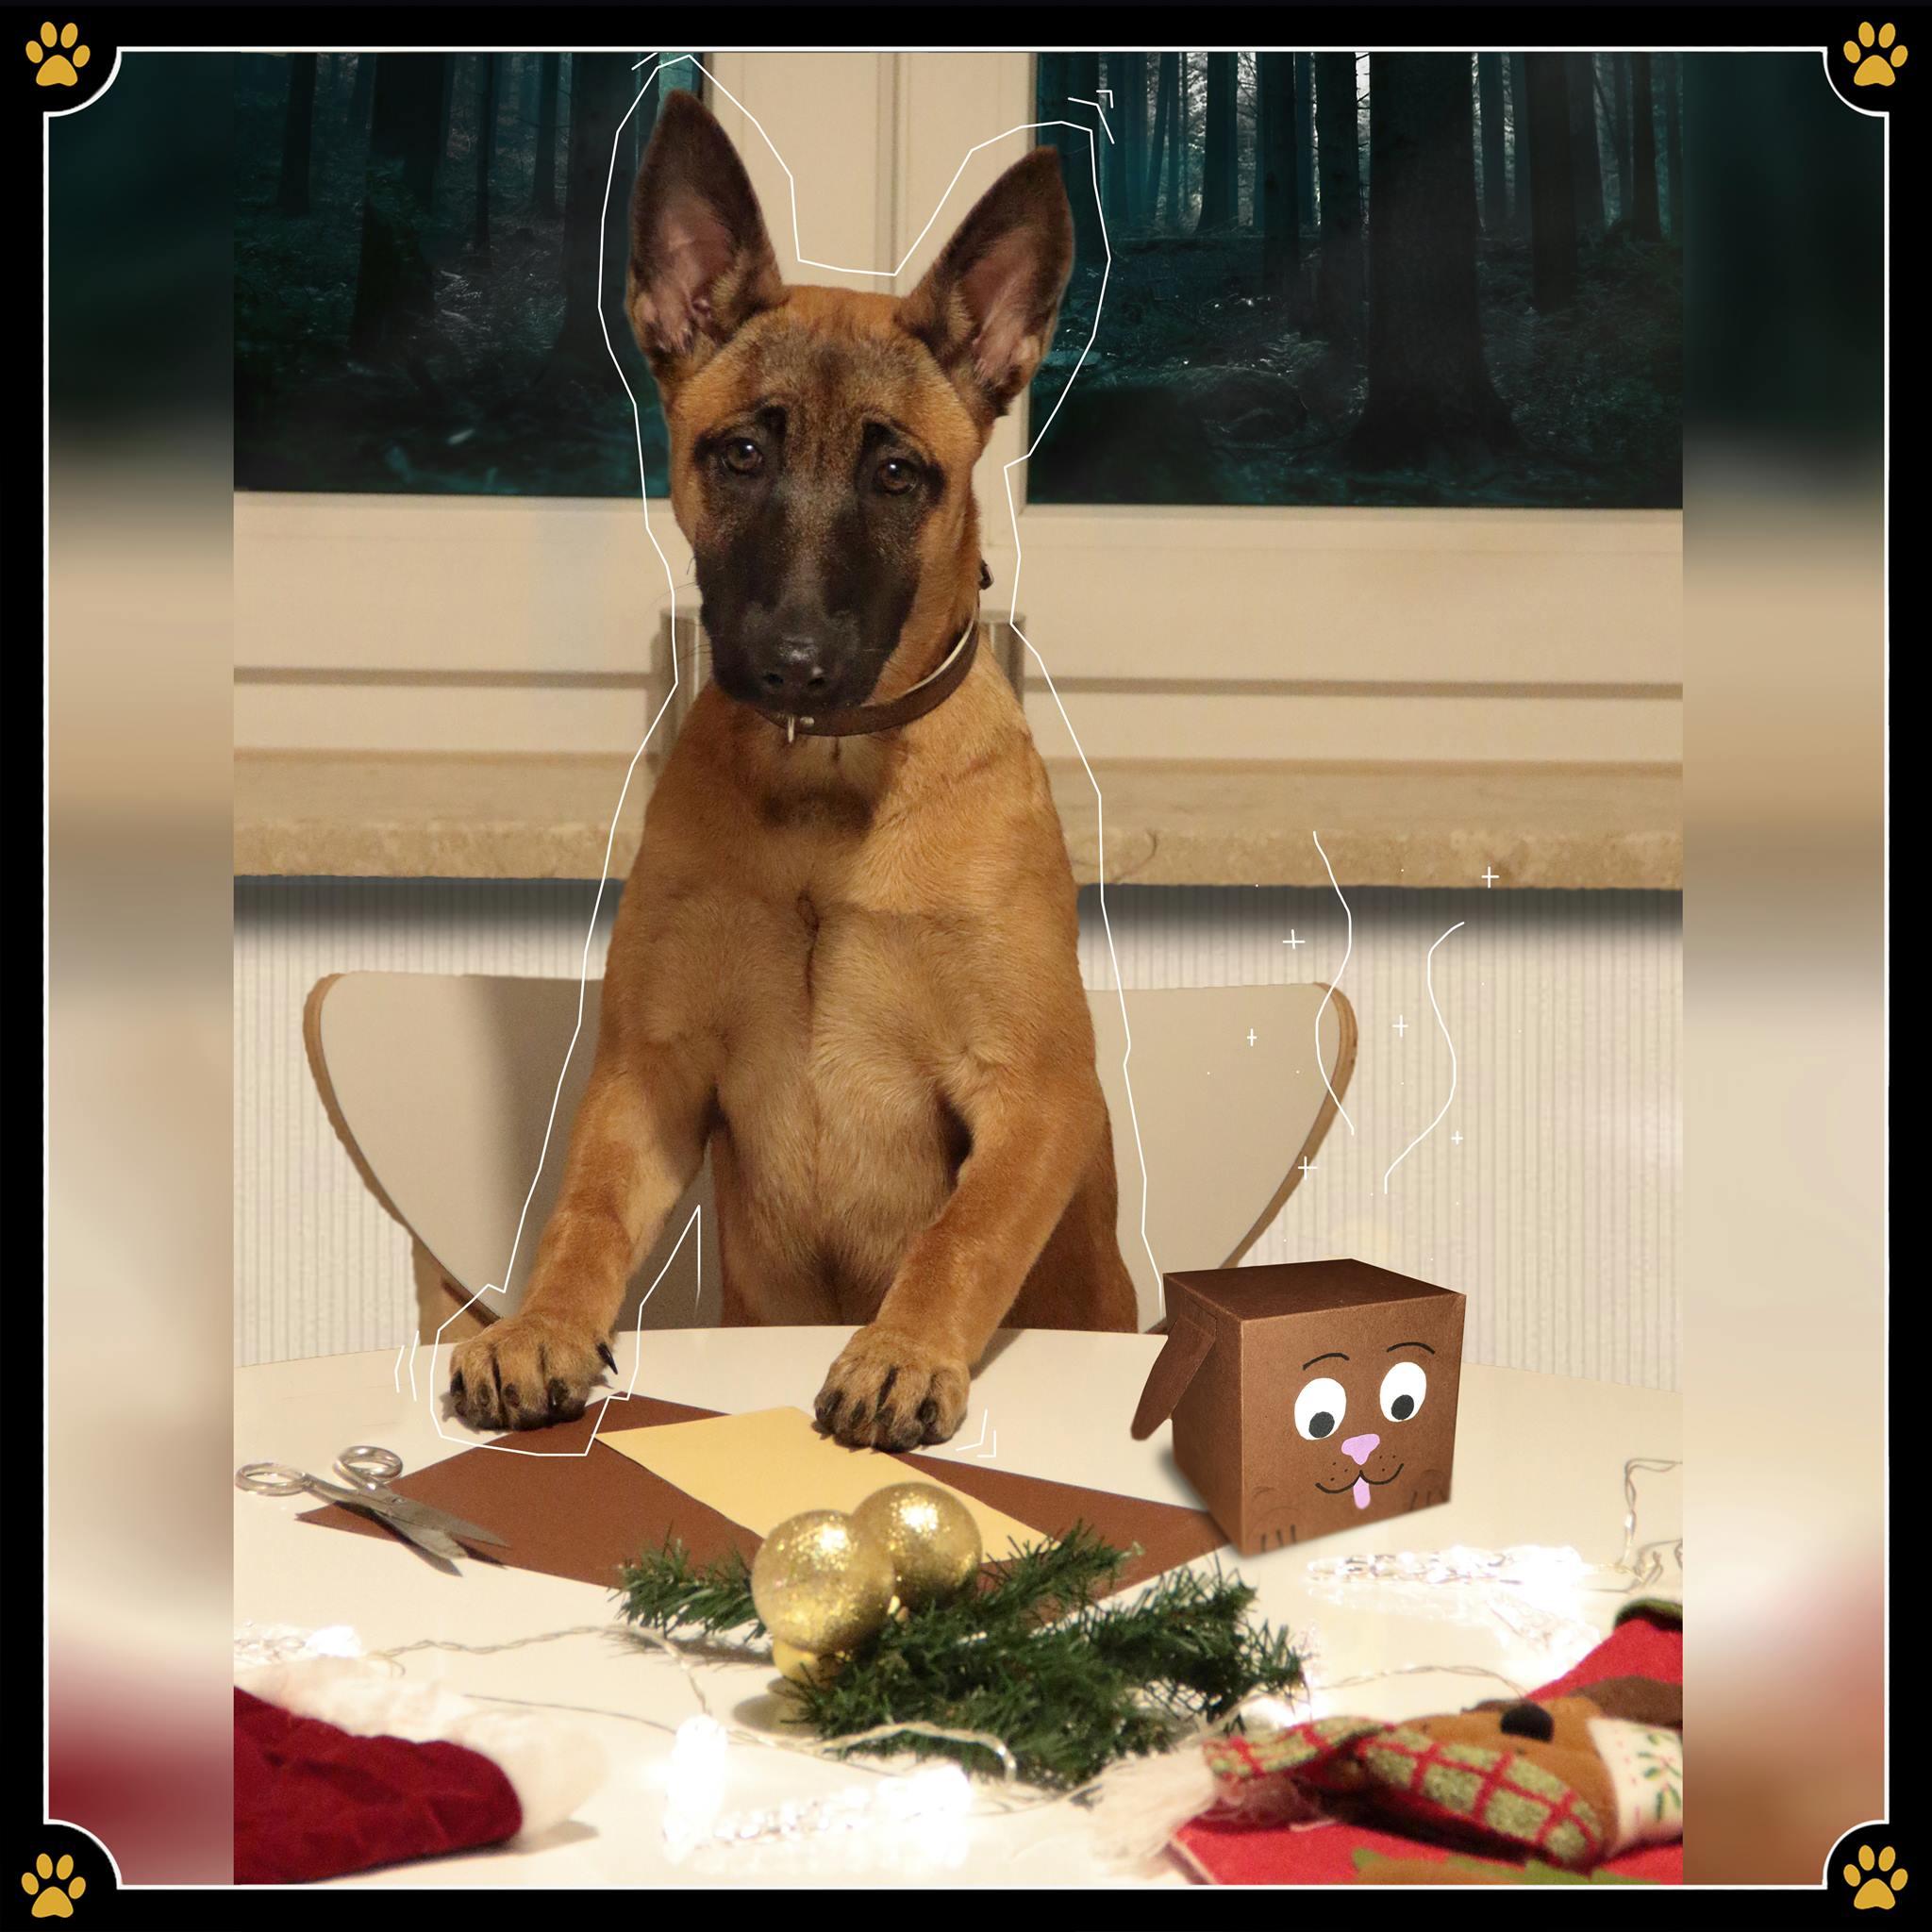 """21. Dezember - """"Na toll, ich muss noch Geschenke einpacken"""", hört man die Leute in letzter Zeit oft sagen. 🎁Das, was viele als schreckliche, eintönige Aufgabe ansehen muss aber gar nicht so öde sein! Denn eigentlich kann man beim Geschenke einpacken mal so richtig kreativ werden. 💛Ihr beschenkt einen anderen Hundebesitzer oder Hundeliebhaber? 🐾Wieso dann nicht das simple Geschenkpapier durch eine Geschenkverpackung im Hundedesign ersetzen? Das sieht nicht nur süß aus, sondern ist dazu mal eine echte Abwechslung zu all den anderen Geschenken. 😯Um es euch zu demonstrieren hat der Malinois Cute mal selbst so ein kreatives Geschenk gebastelt. 😊"""